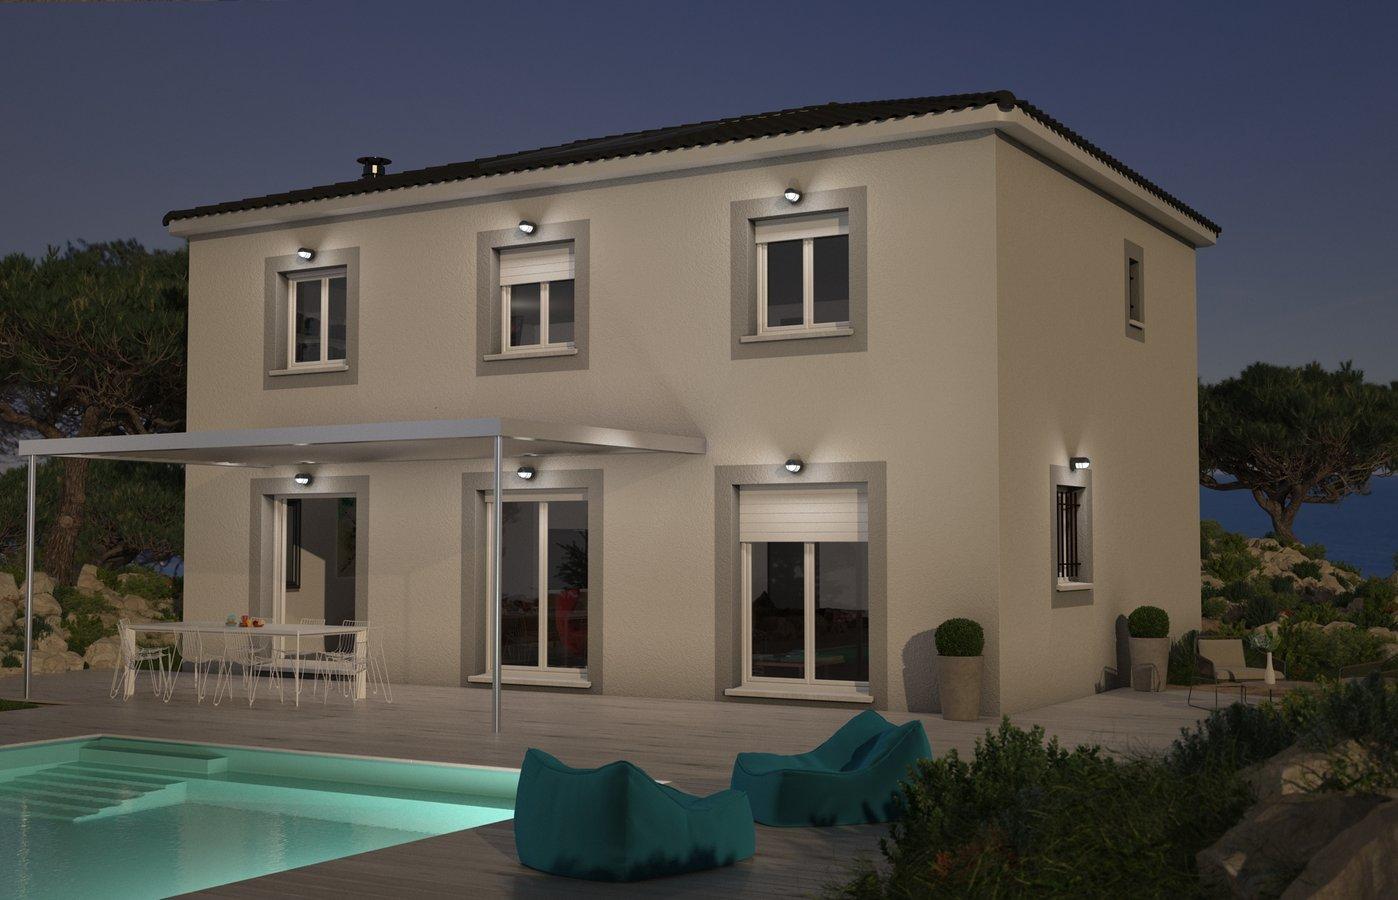 Comparatif constructeur maison gironde for Constructeur maison contemporaine gironde